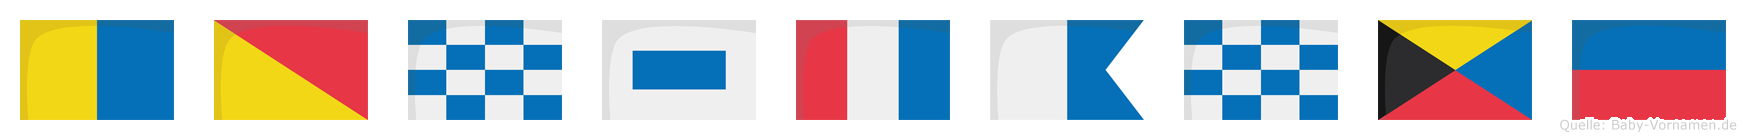 Konstanze im Flaggenalphabet